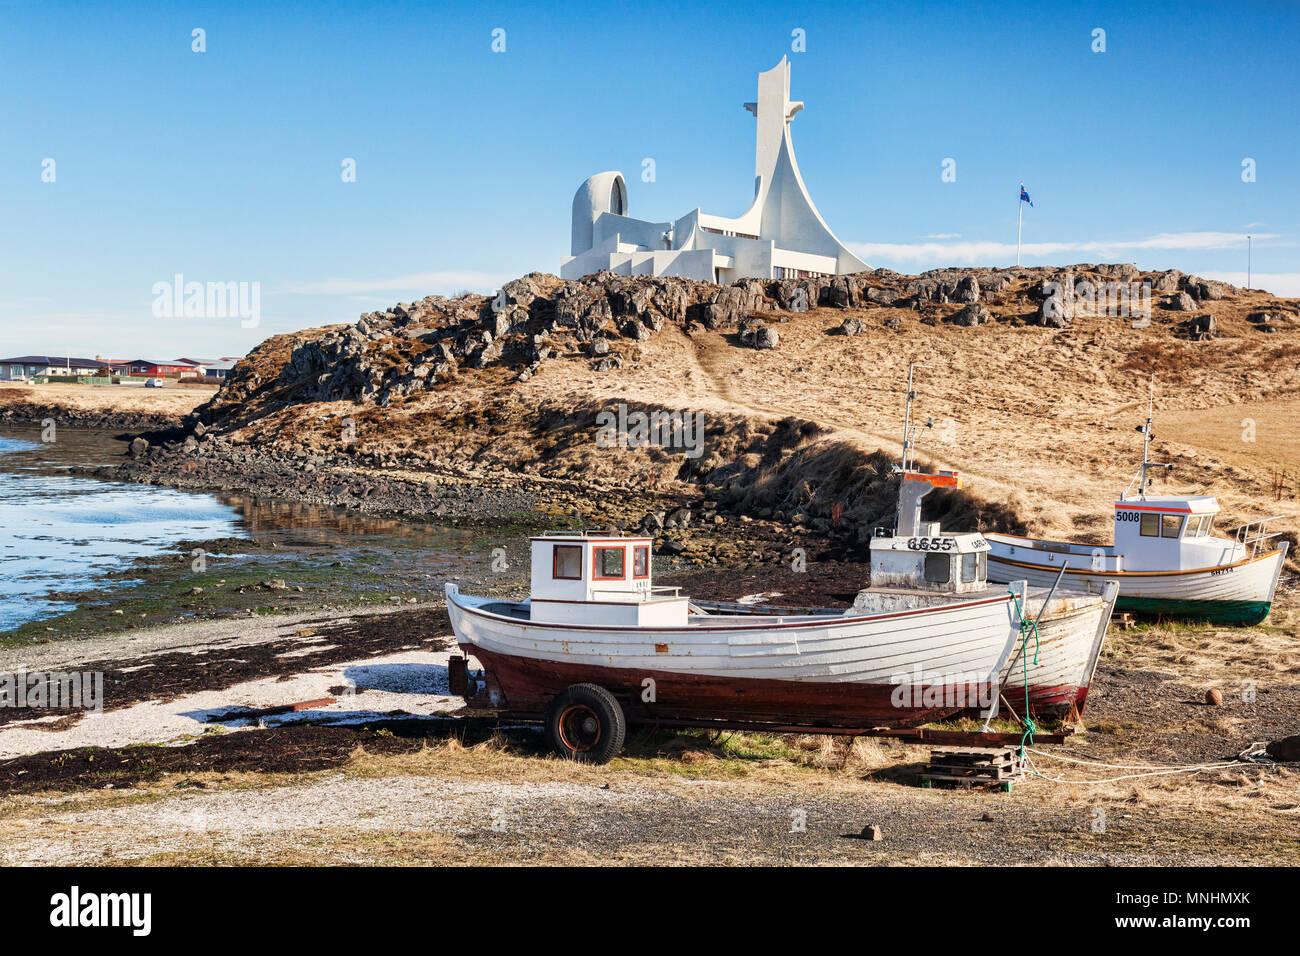 16 de abril de 2018: la Iglesia, la península de Snaefellsness Stykkisholmur, oeste de Islandia - Una iglesia que también se utiliza como sala de conciertos. Imagen De Stock